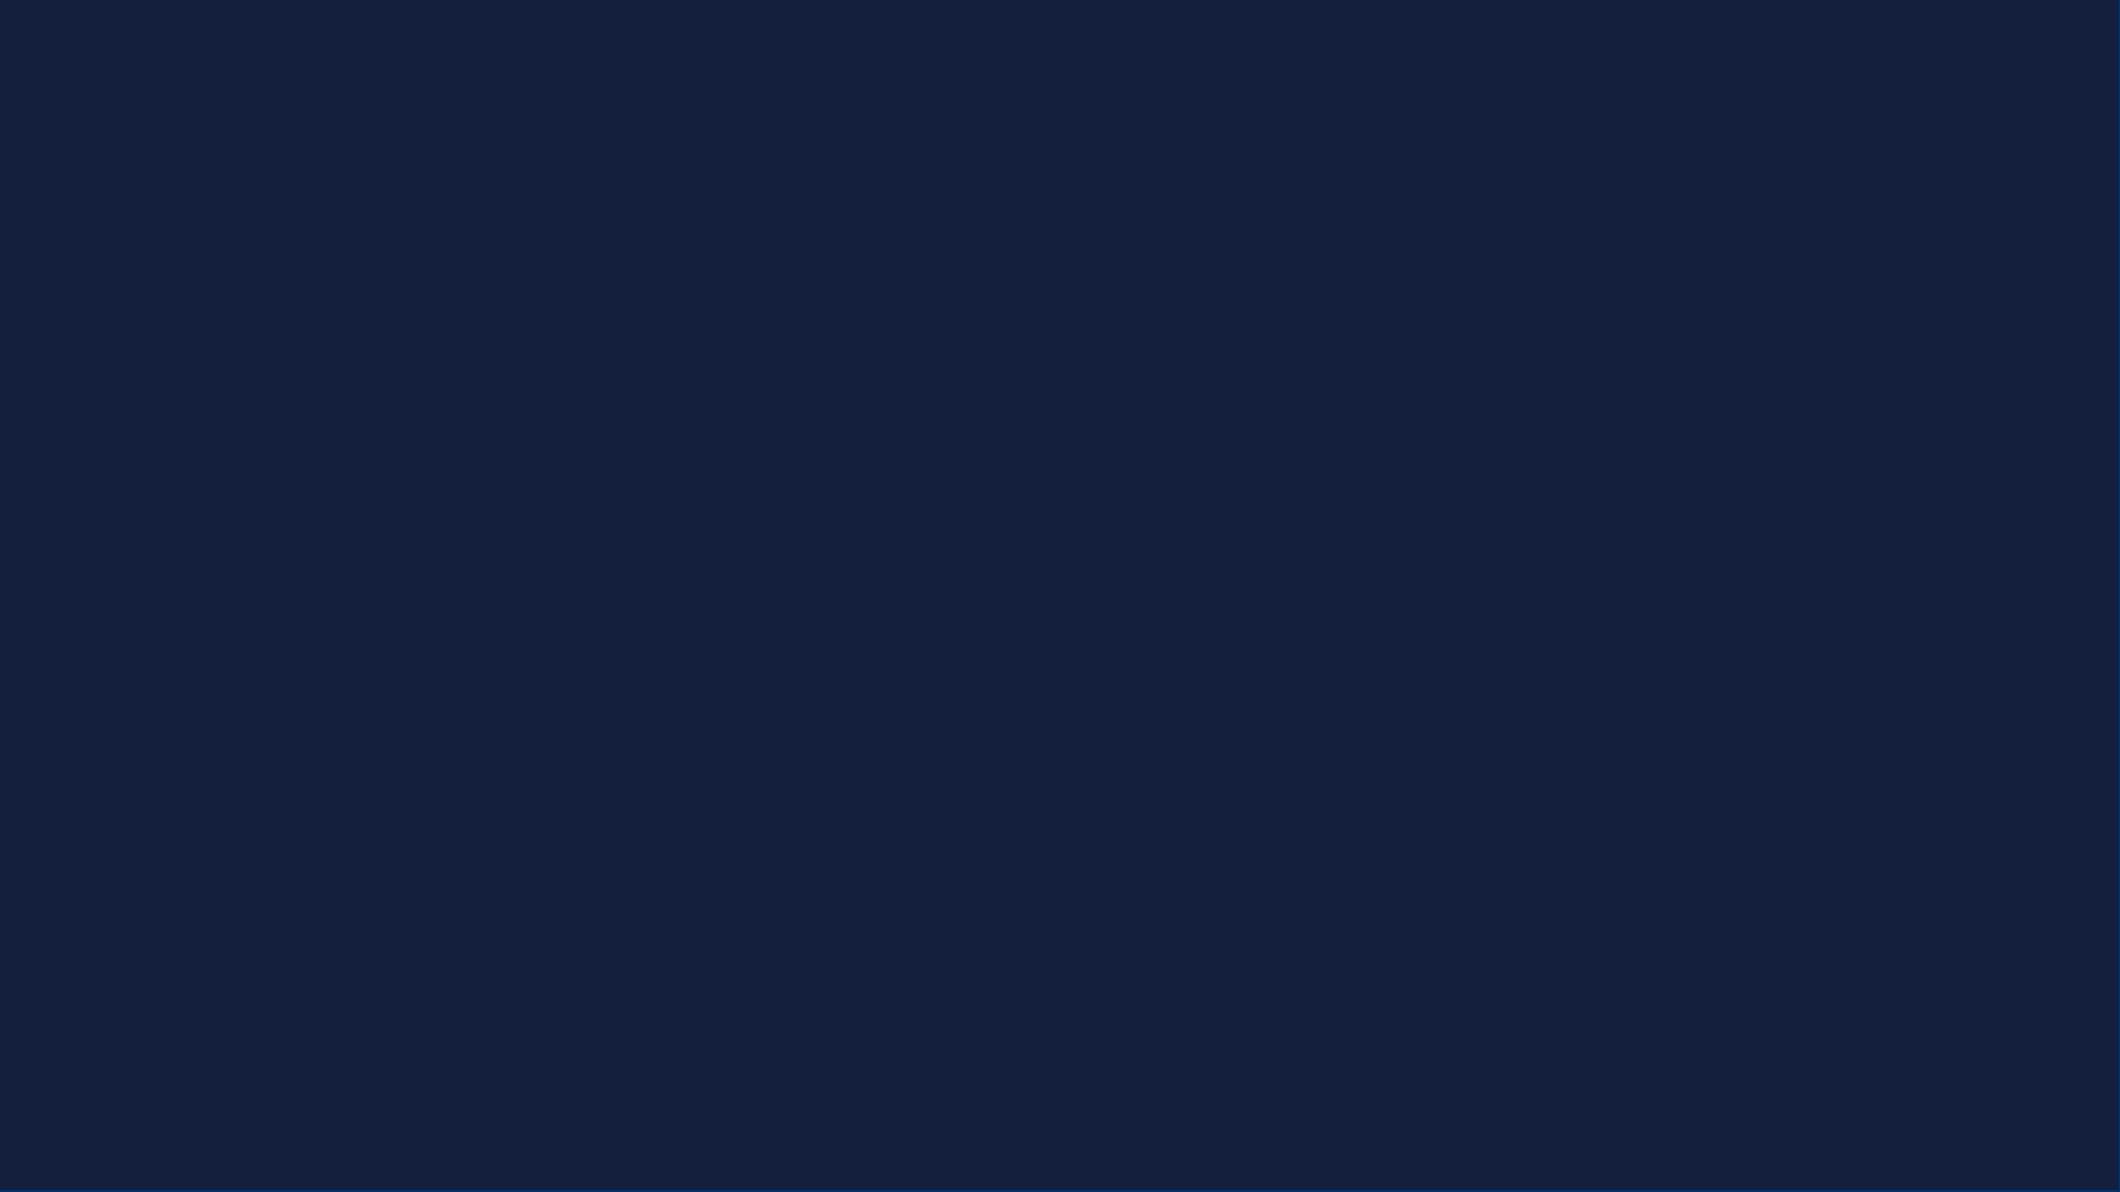 3600x2400px Dark Blue Background Wallpaper | #347583